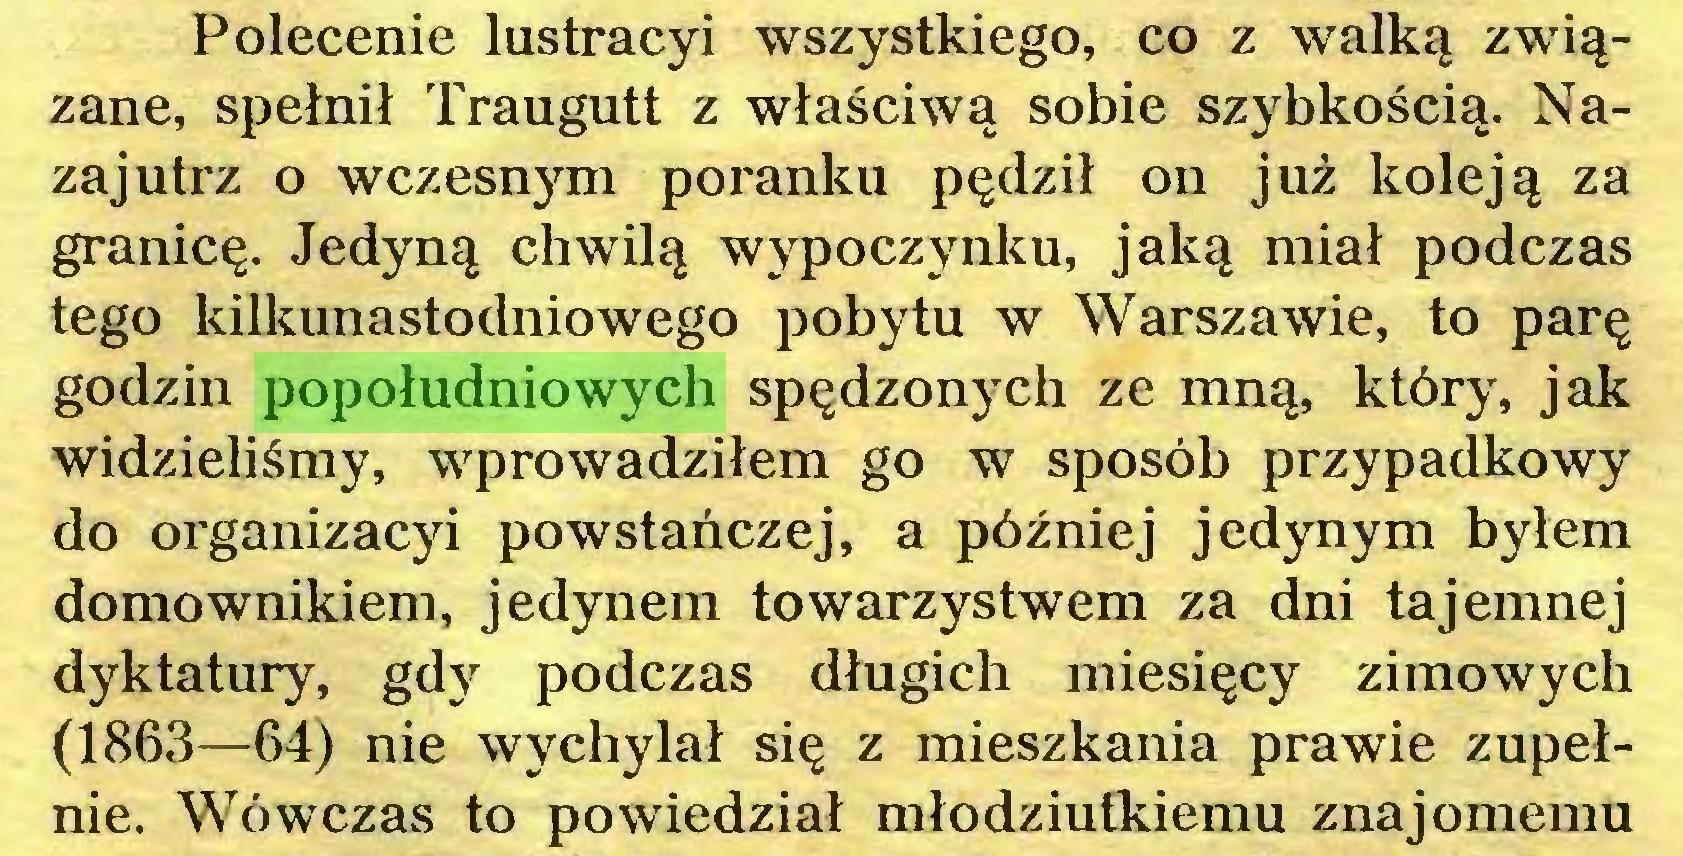 (...) Polecenie lustracyi wszystkiego, co z walką związane, spełnił Traugutt z właściwą sobie szybkością. Nazajutrz o wczesnym poranku pędził on już koleją za granicę. Jedyną chwilą wypoczynku, jaką miał podczas tego kilkunastodniowego pobytu w Warszawie, to parę godzin popołudniowych spędzonych ze mną, który, jak widzieliśmy, wprowadziłem go w sposób przypadkowy do organizacyi powstańczej, a później jedynym byłem domownikiem, jedynem towarzystwem za dni tajemnej dyktatury, gdy podczas długich miesięcy zimowych (1863—64) nie wychylał się z mieszkania prawie zupełnie. Wówczas to powiedział młodziutkiemu znajomemu...